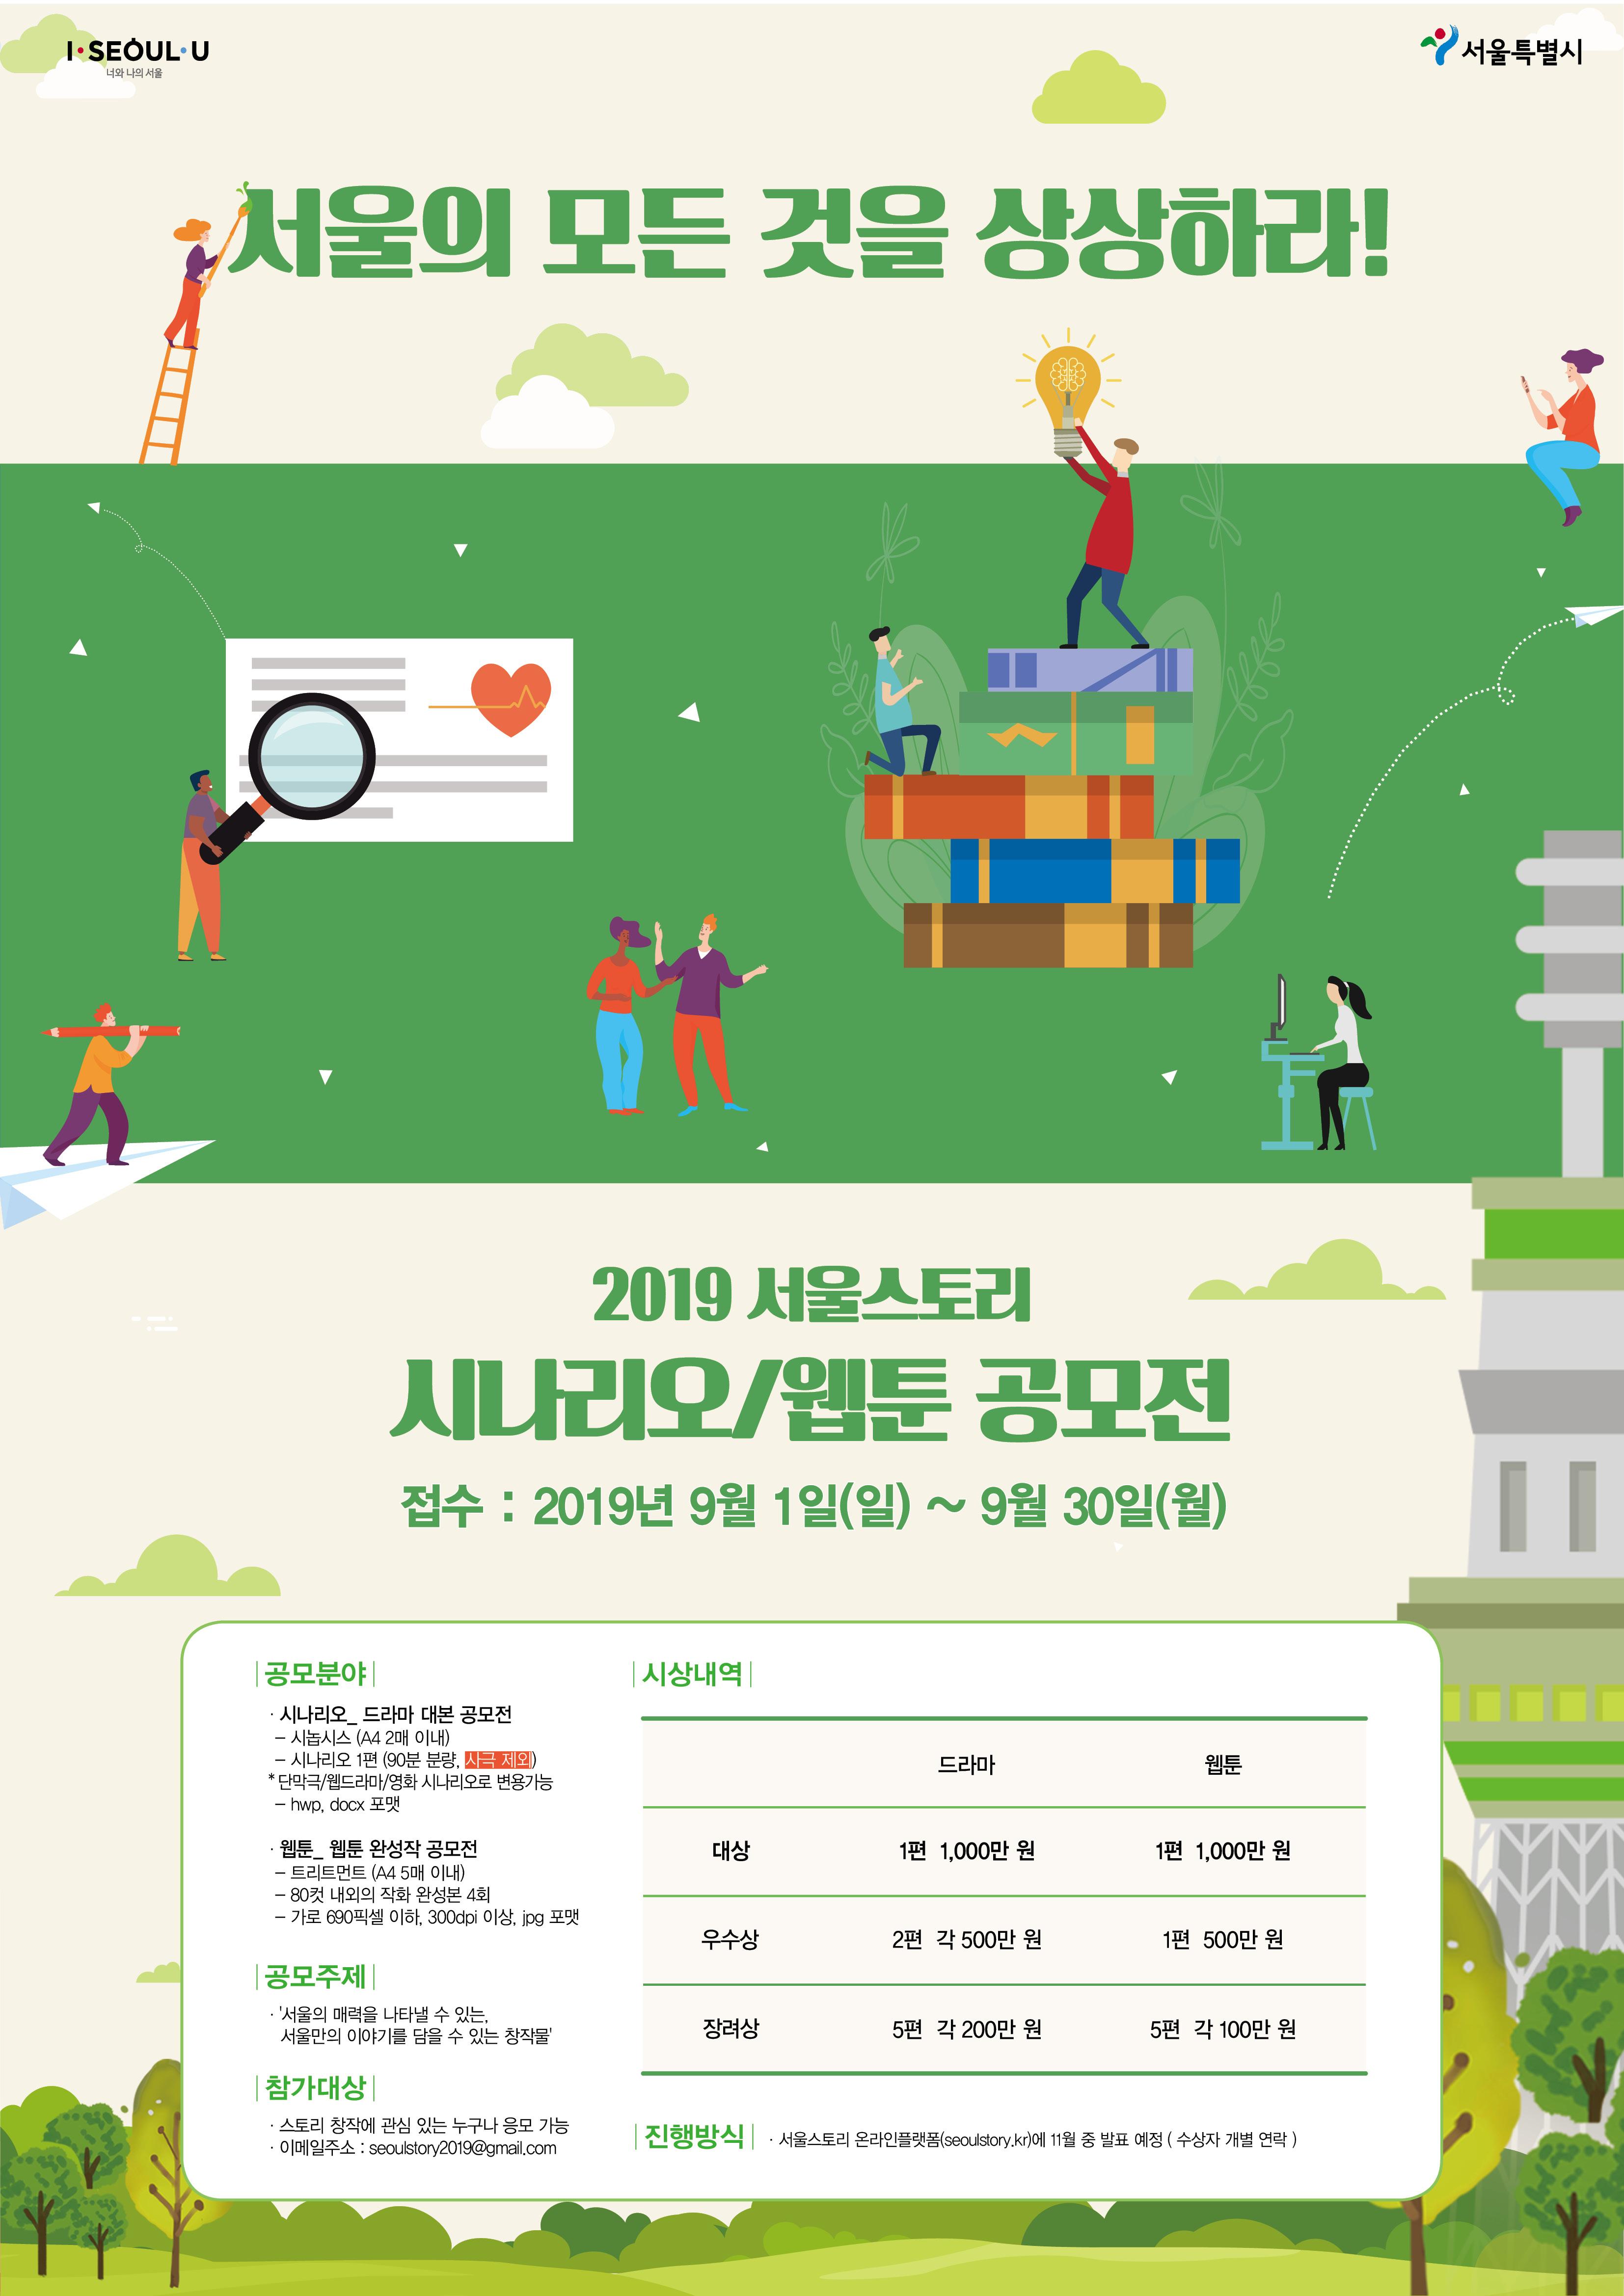 """""""서울의 모든 것을 상상하라"""" 2019 서울스토리 드라마-웹툰 공모전 개최 (9.1~9.30)"""